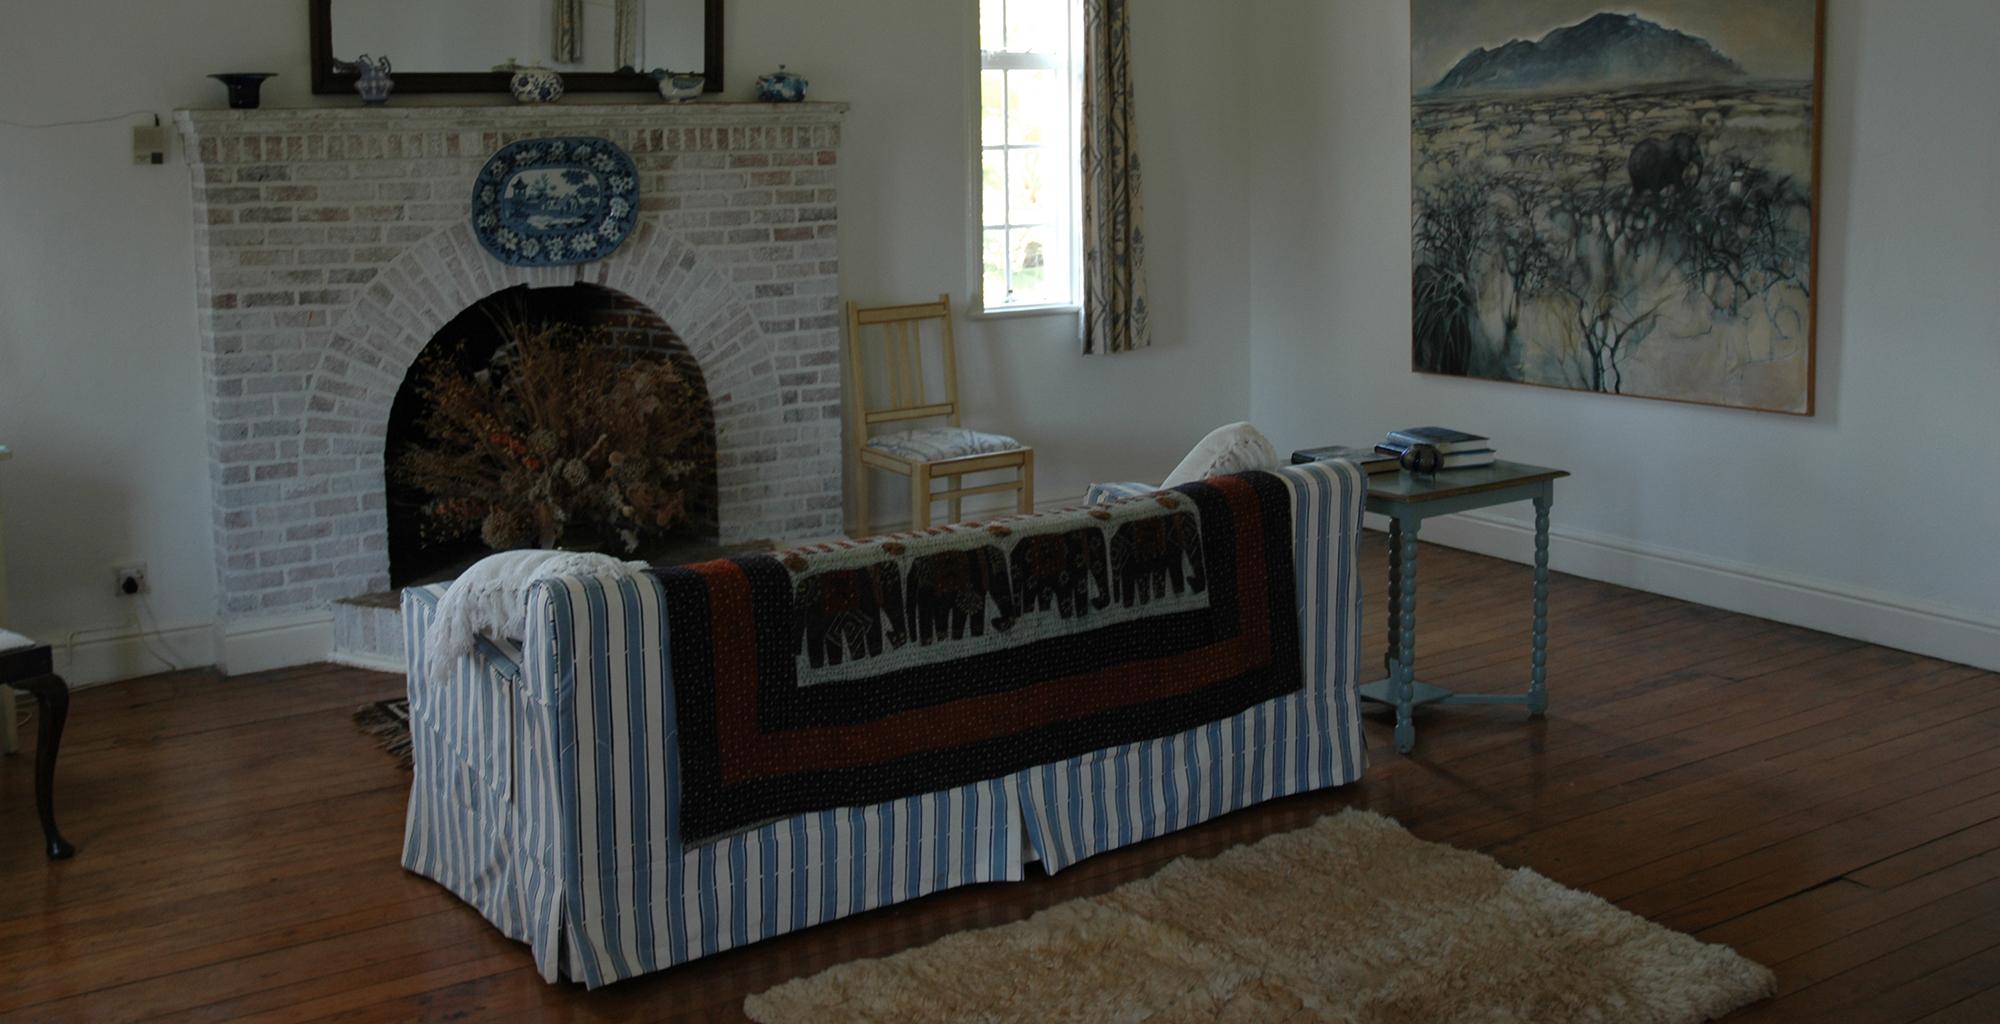 Kenya-Mundui-House-Sofa-Fireplace